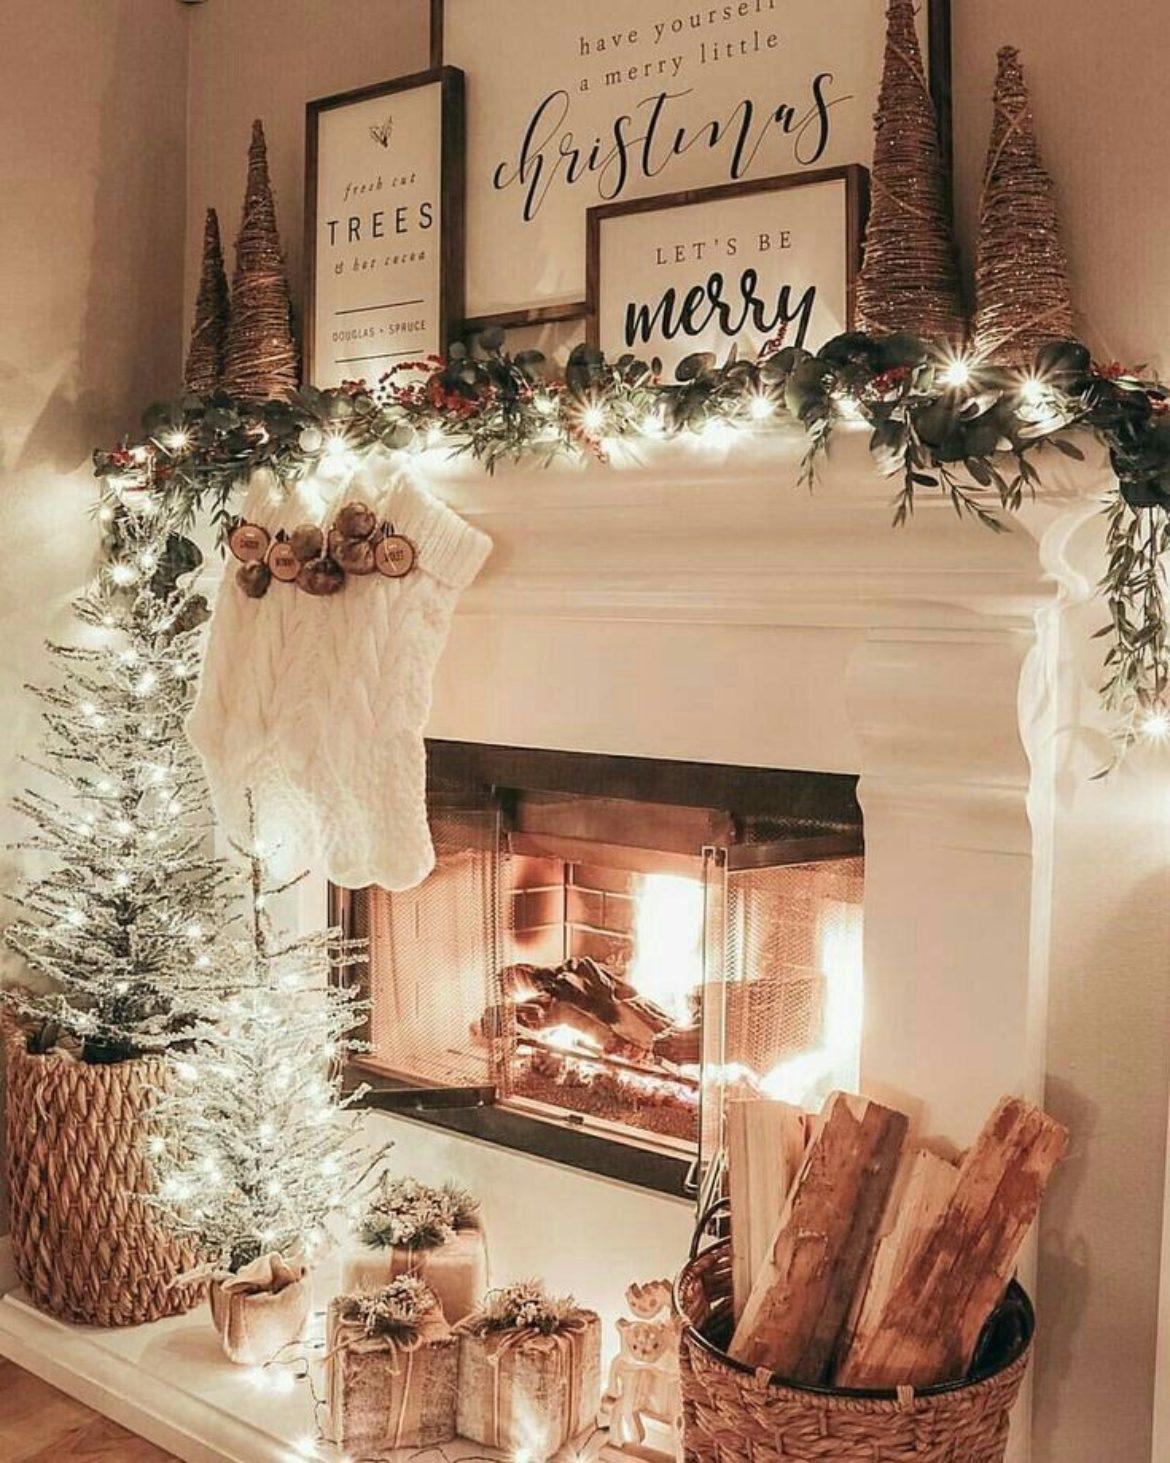 Χριστουγεννιάτικη Διακόσμηση εσωτερικού χώρου